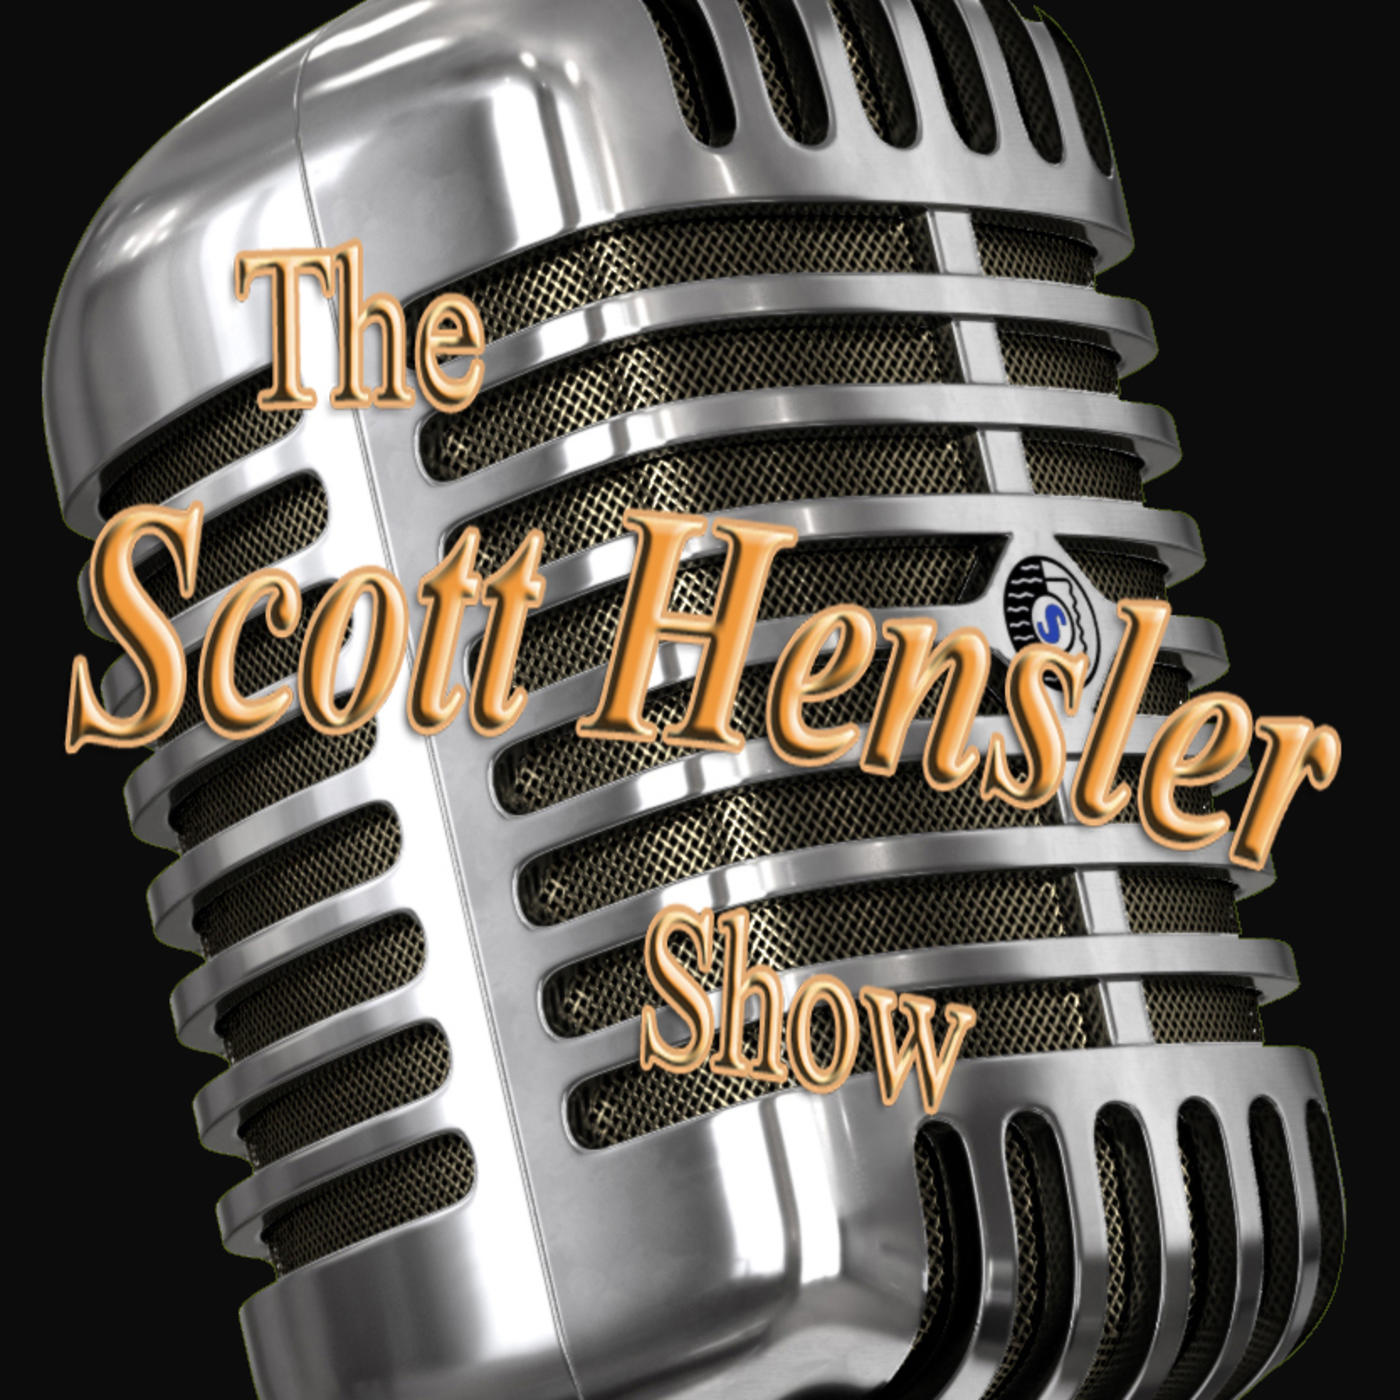 Scott Hensler Show